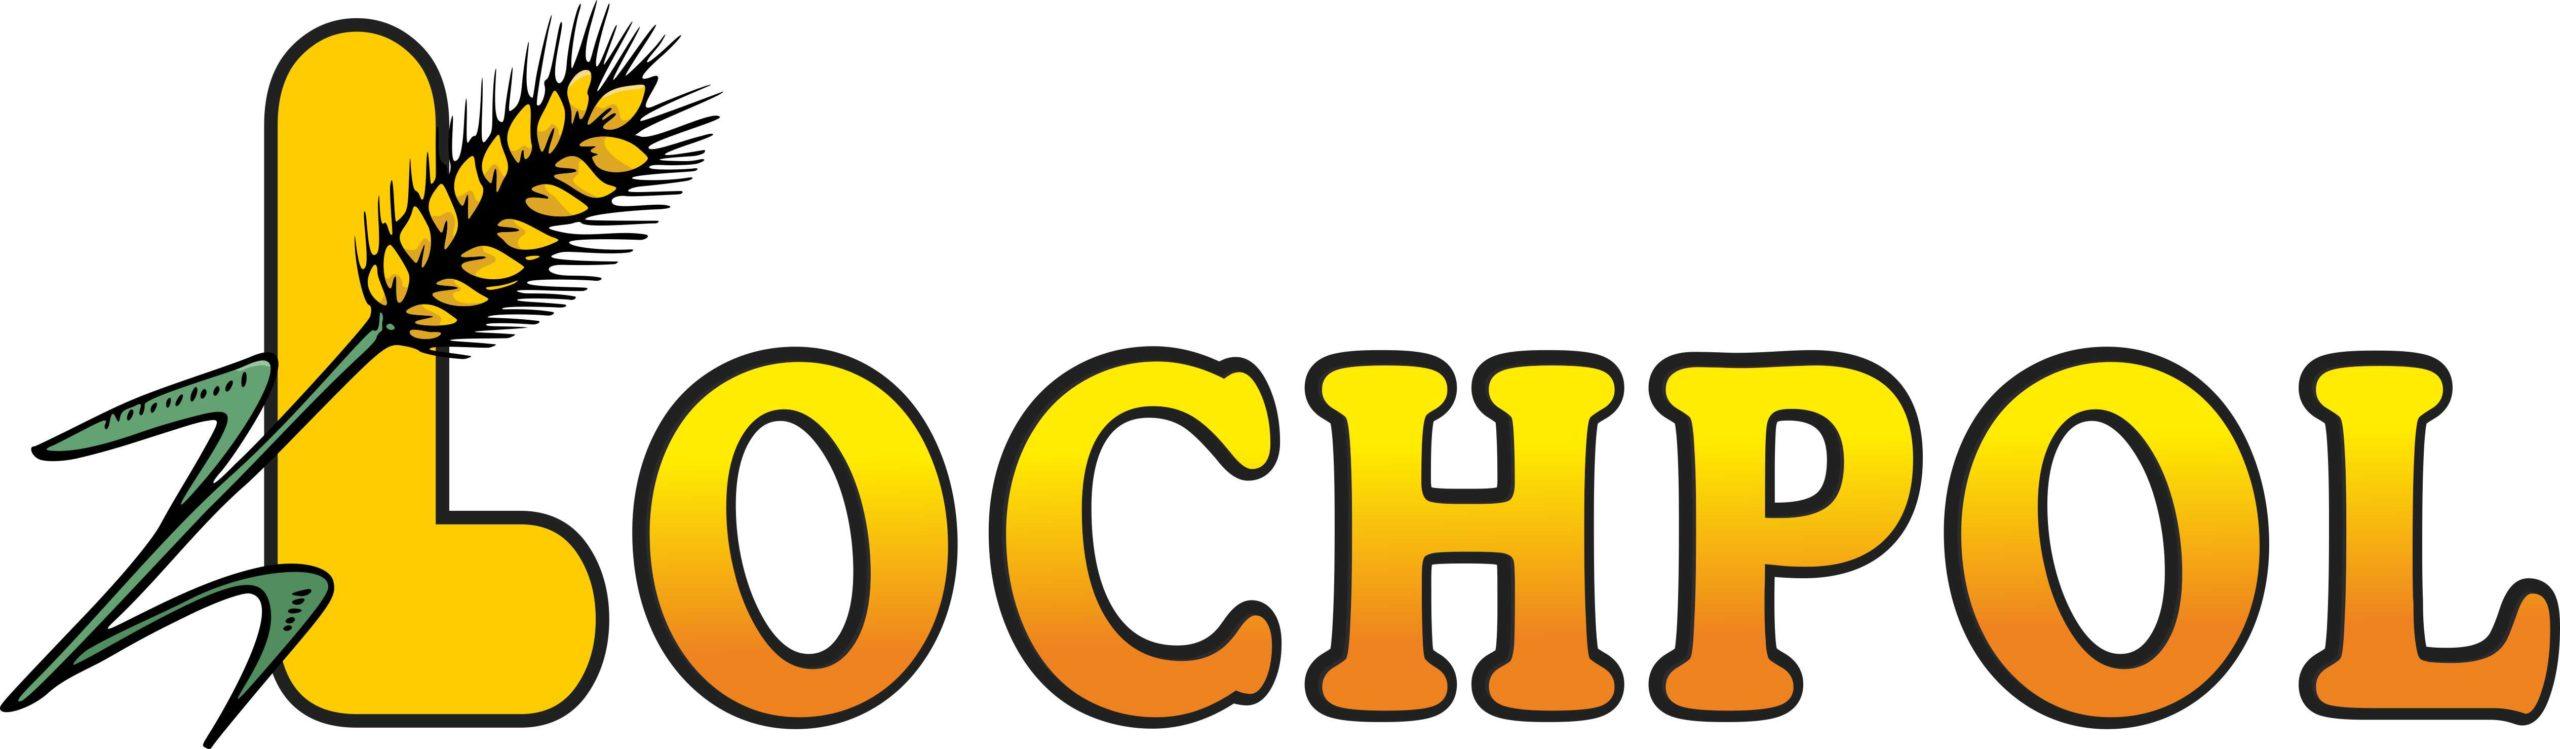 Łochpol